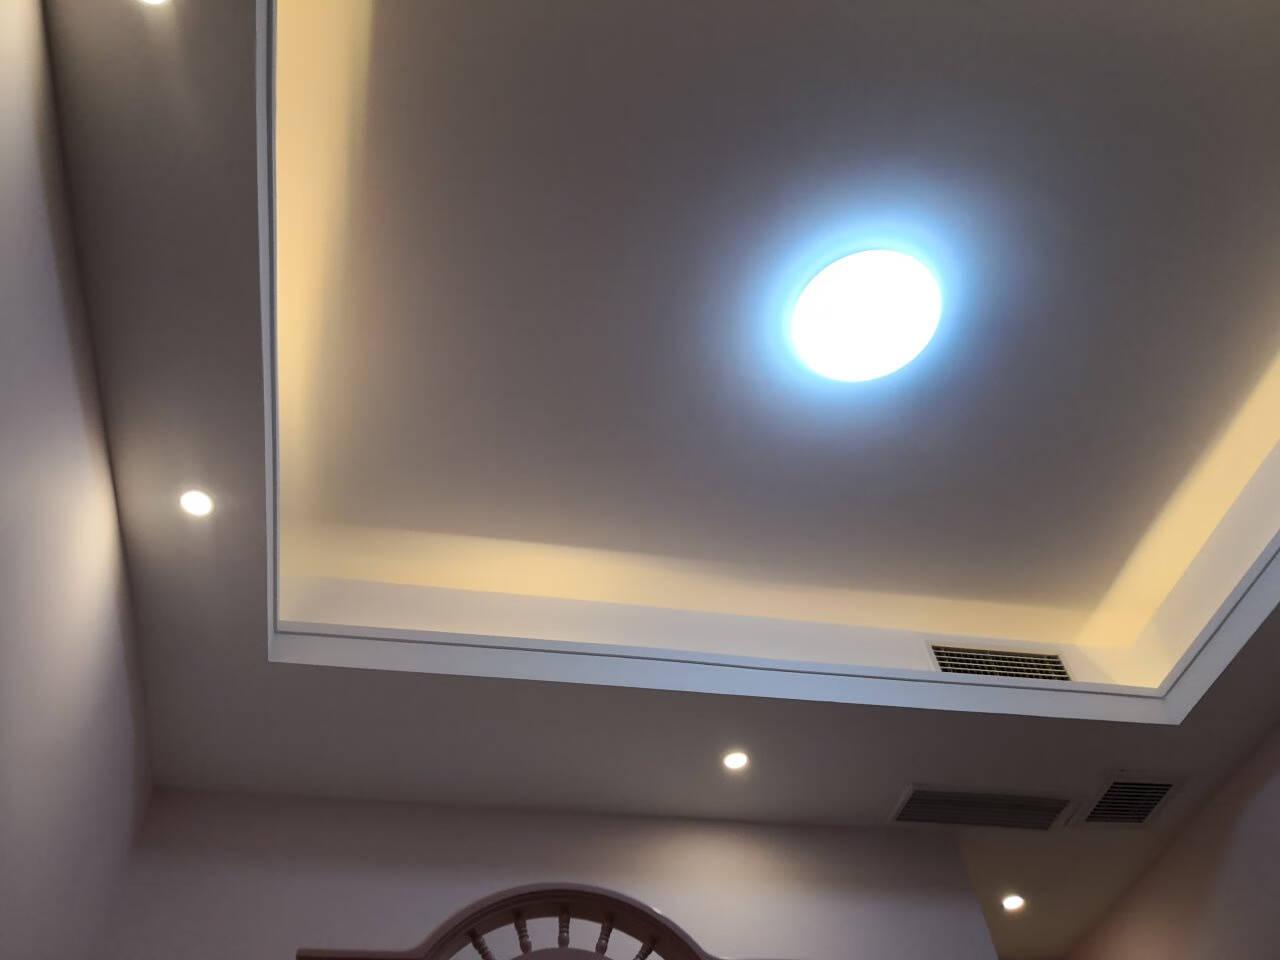 雷士(NVC)WHTD04T-04LED筒灯客厅吊顶天花灯铝材砂银4瓦三色调光开孔80-90mm10只装